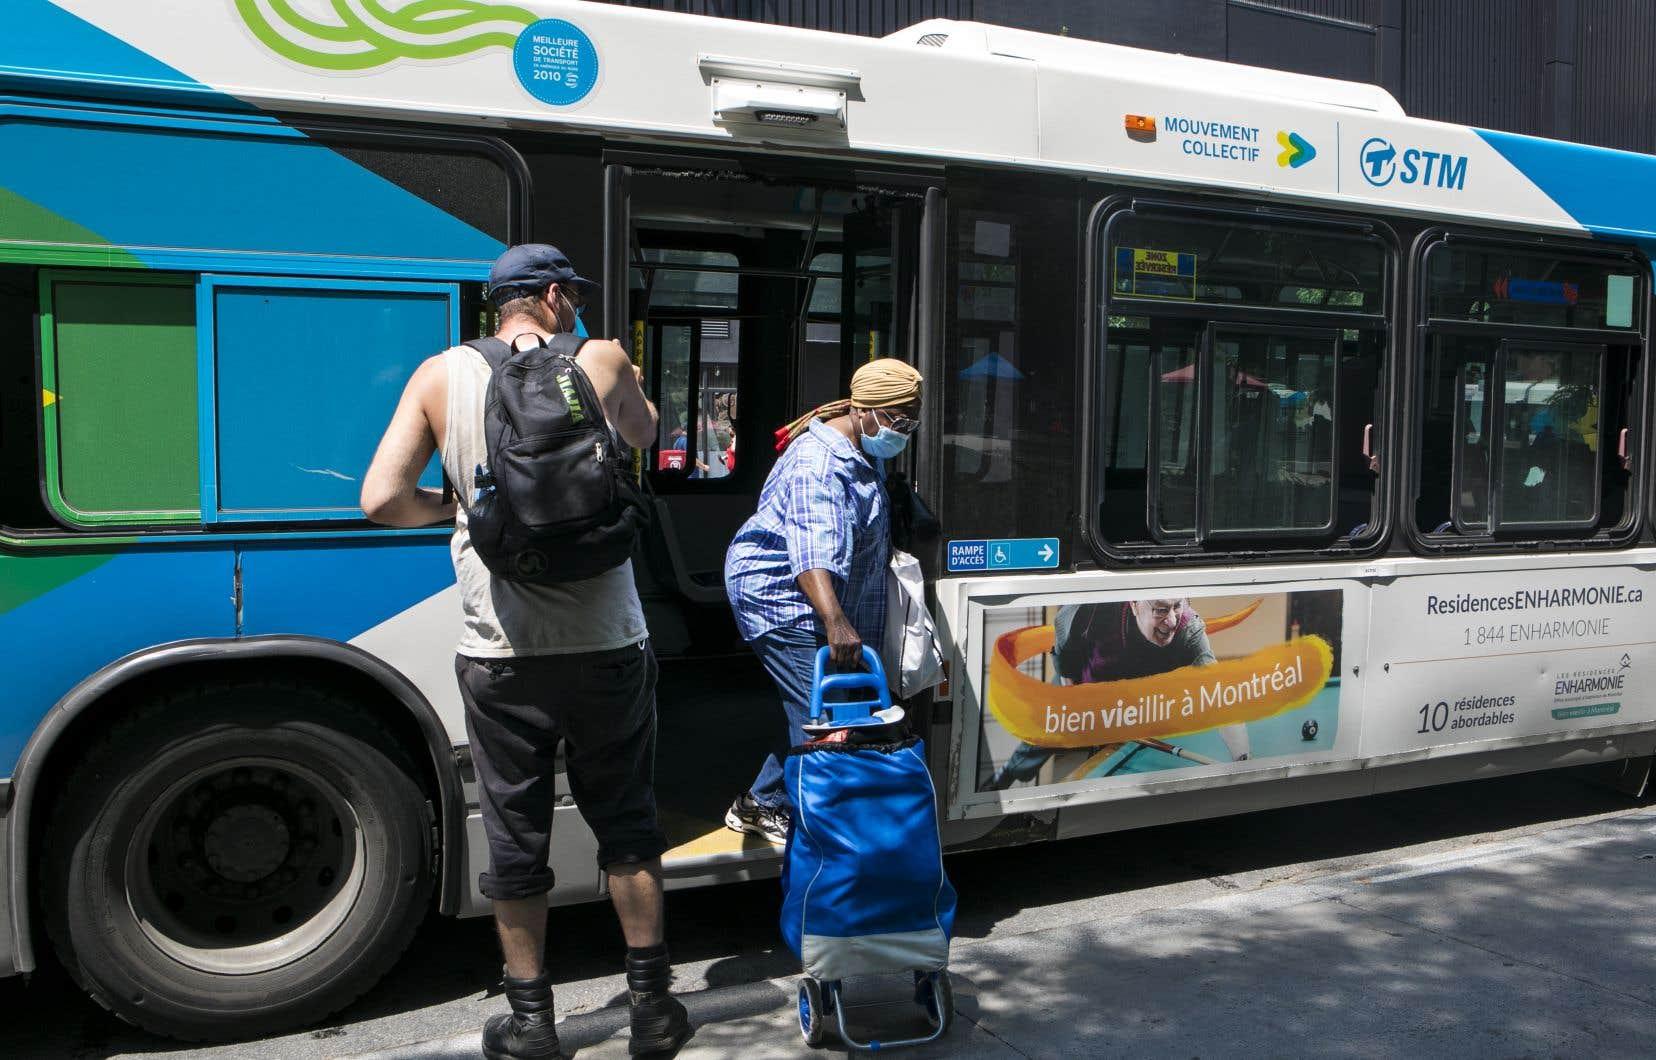 L'embarquement dans les autobus s'est fait par la porte arrière pendant plusieurs mois à cause de la pandémie de COVID-19.